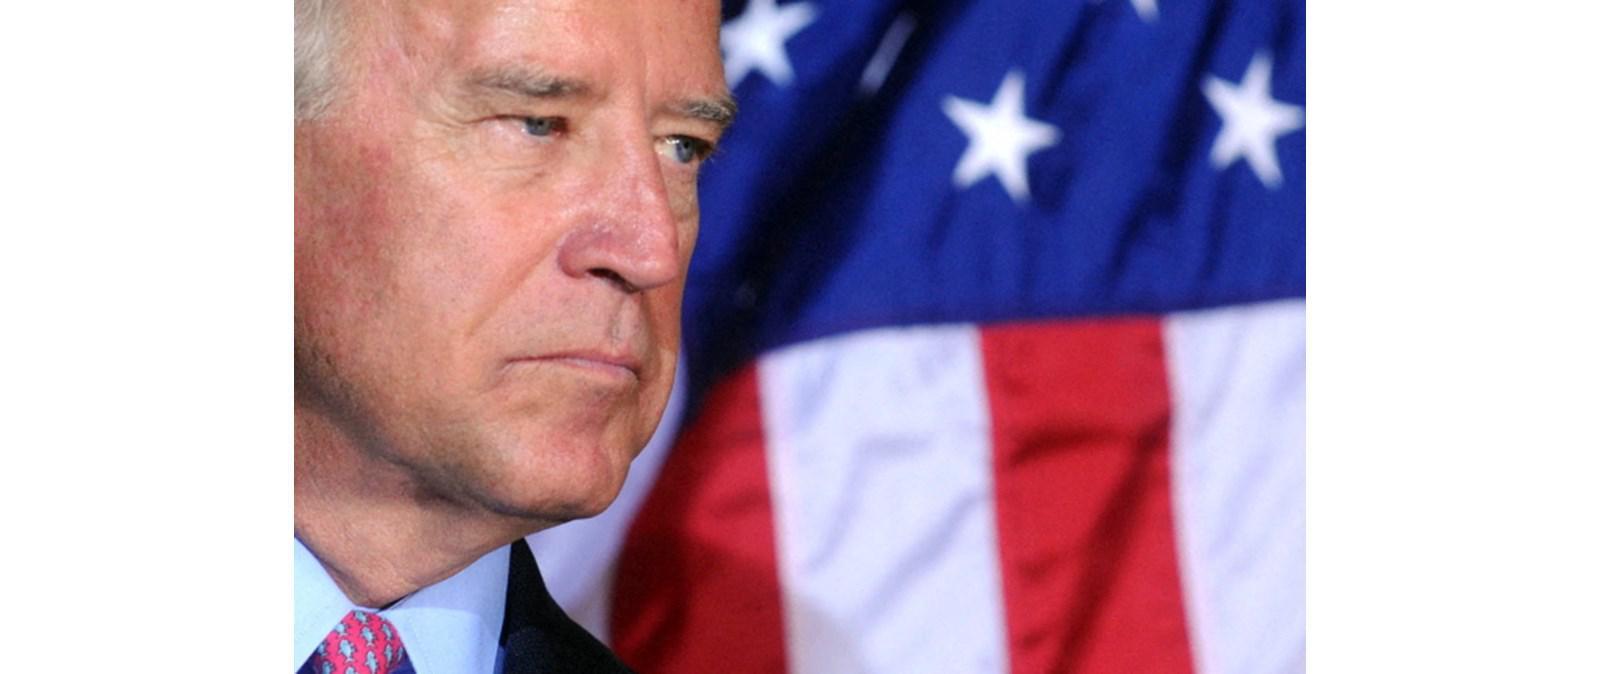 Εκλογές ΗΠΑ 2020: Ο Joe Biden νέος Πρόεδρος στην Αμερική